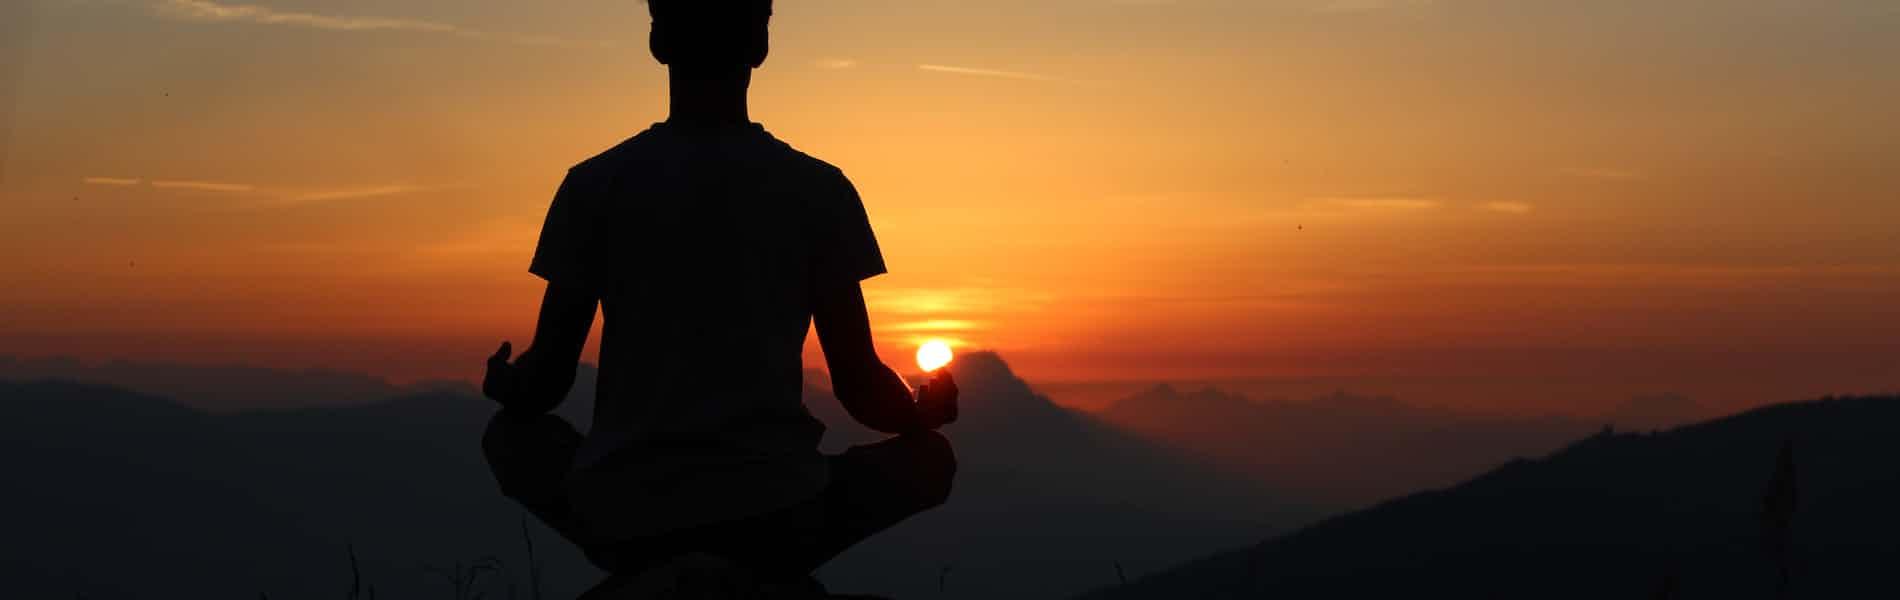 רשום בגוף: על ביטויי הגוף כרקמת חיבור בין הווה לעבר ובין מודע ללא מודע